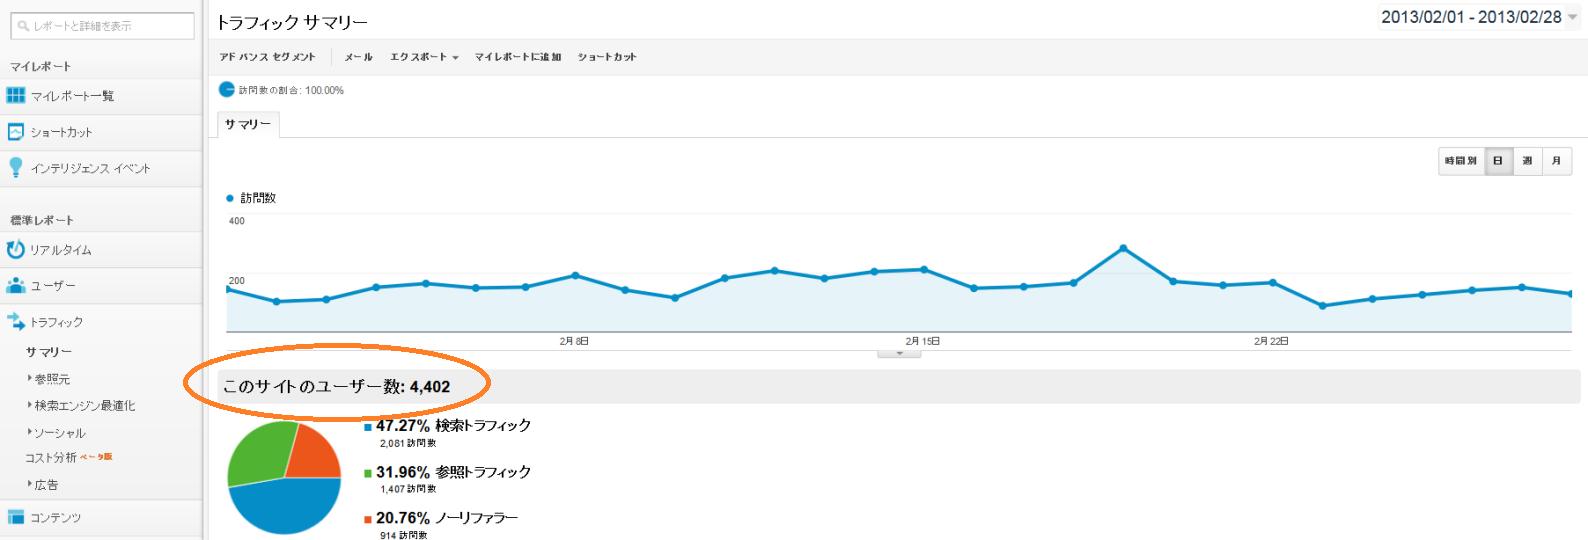 トラフィック サマリー - Google Analytics